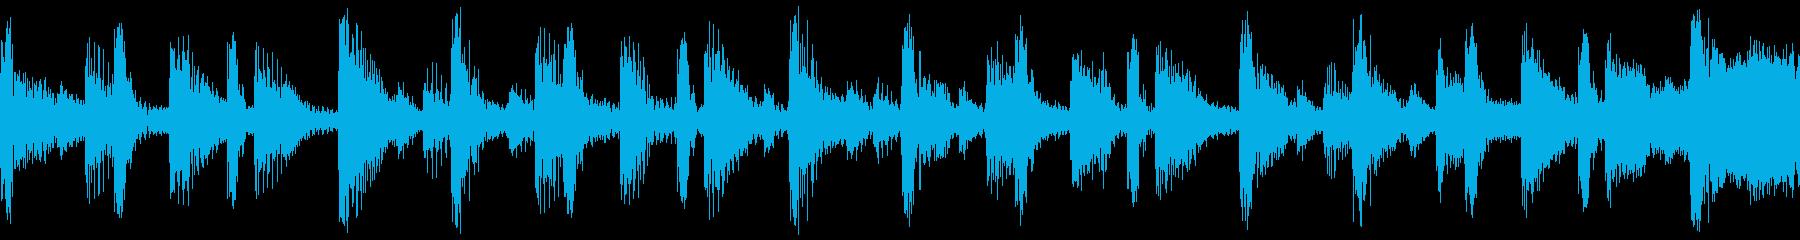 ハイテク/デジタル/モダンなライフ...の再生済みの波形